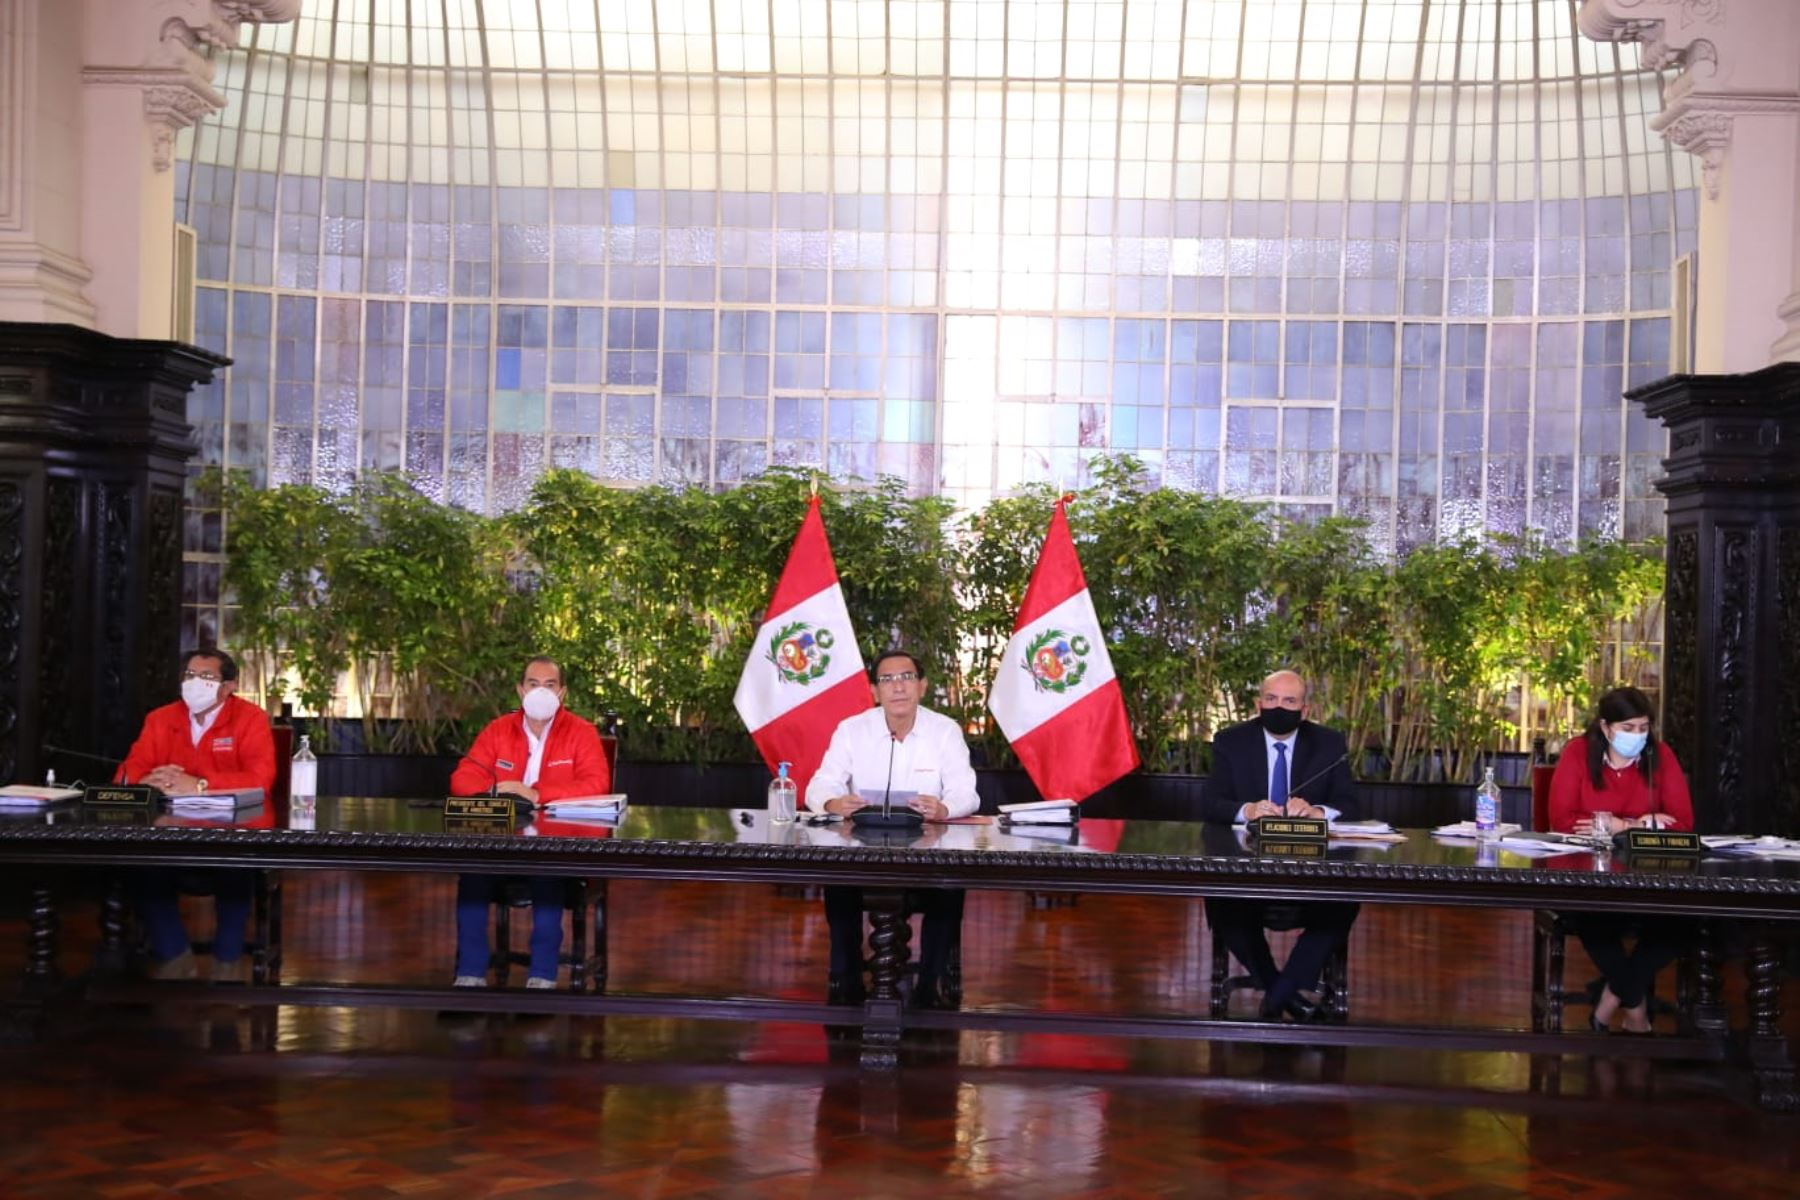 El presidente Martín Vizcarra, brinda conferencia para informar sobre las acciones que realiza el Gobierno frente al Covid-19. Foto: ANDINA: Prensa Presidencia